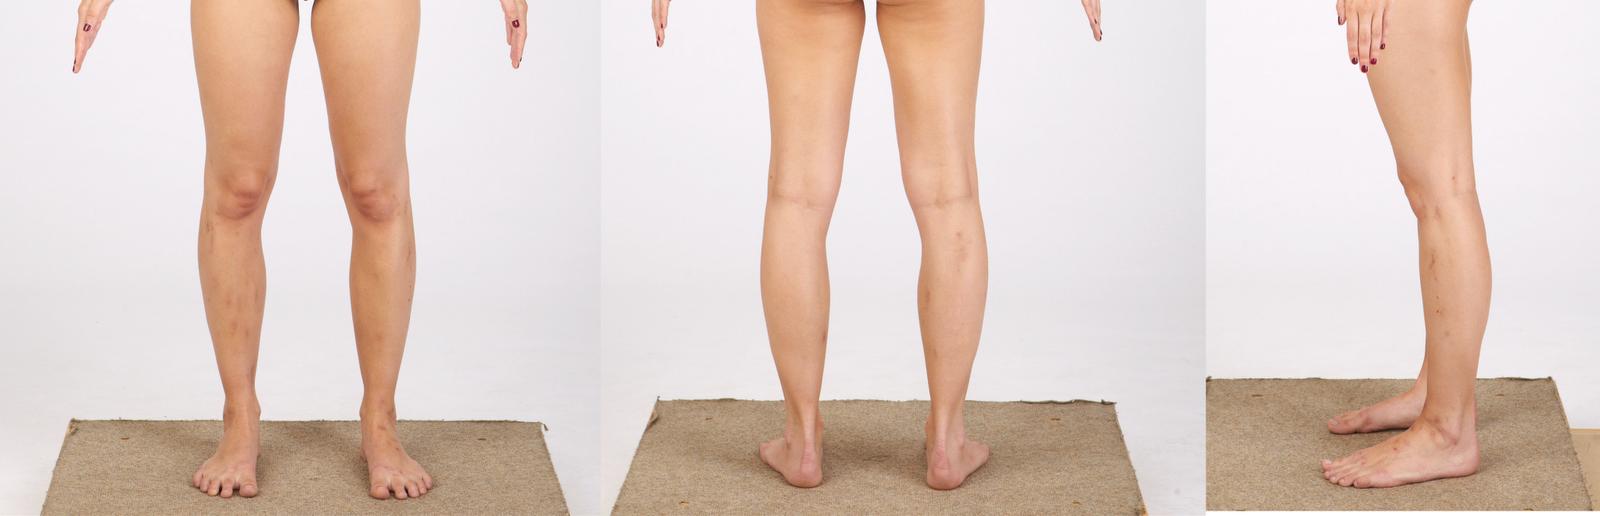 piernas y los pies - ThingLink